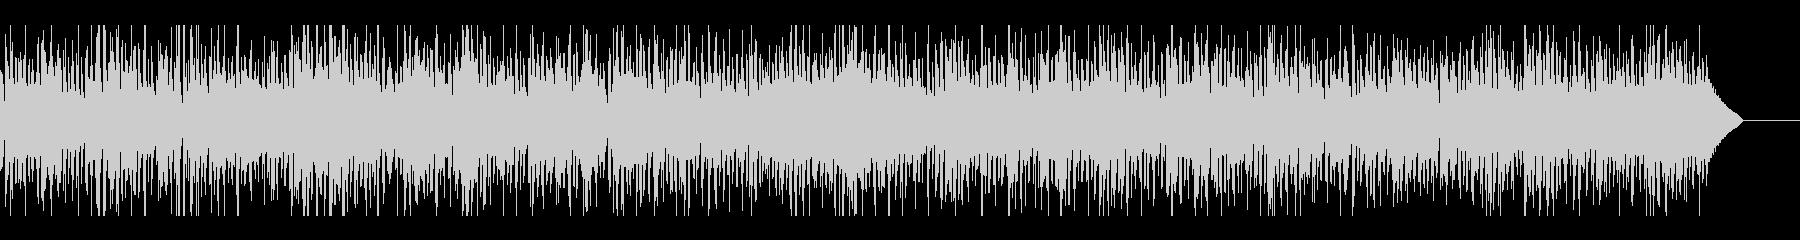 ジャズファンク生演奏エレピと都会的ビートの未再生の波形